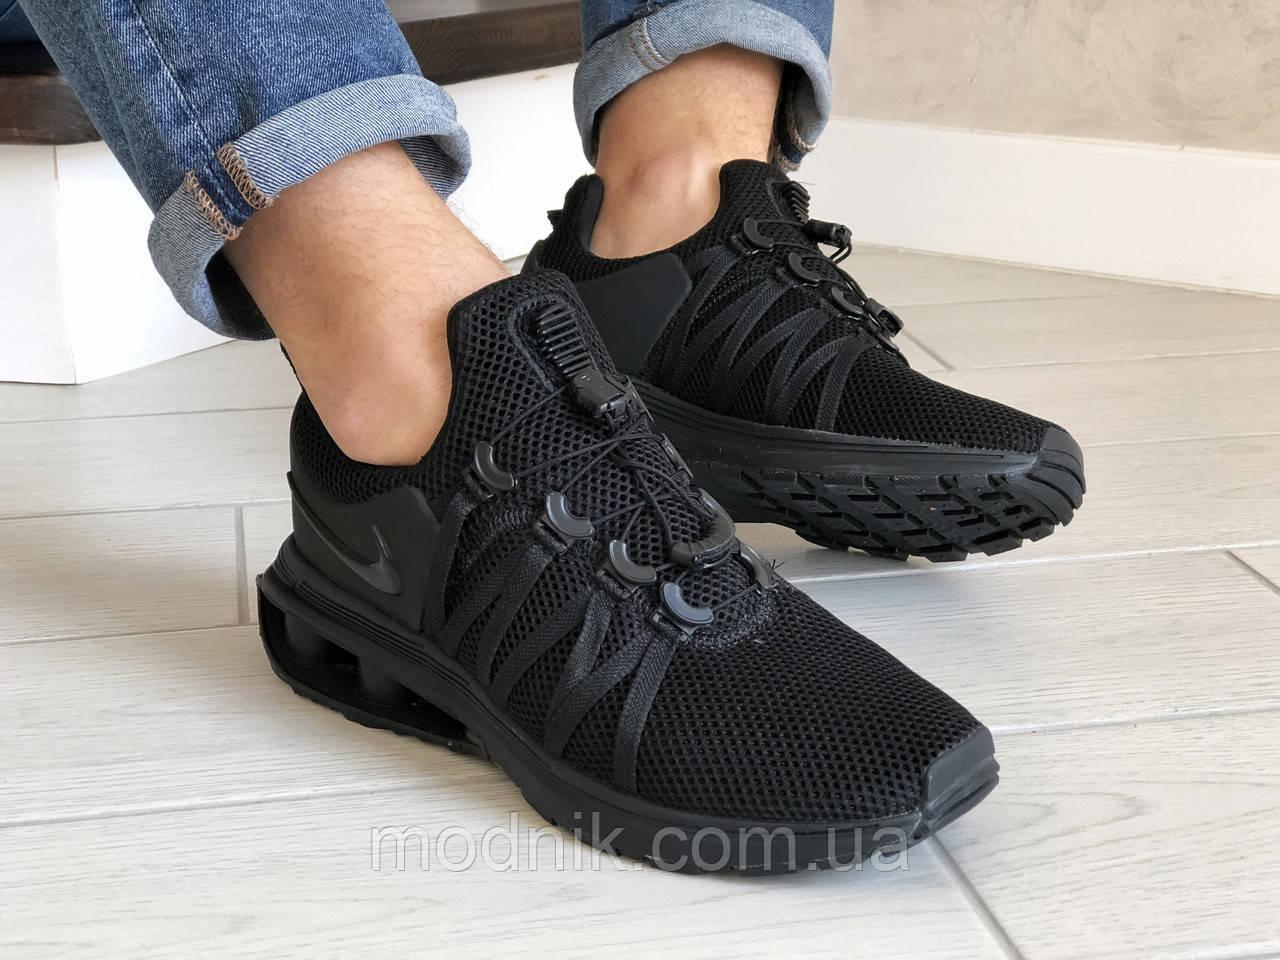 Мужские кроссовки Nike Shox Gravity (черные) 9300